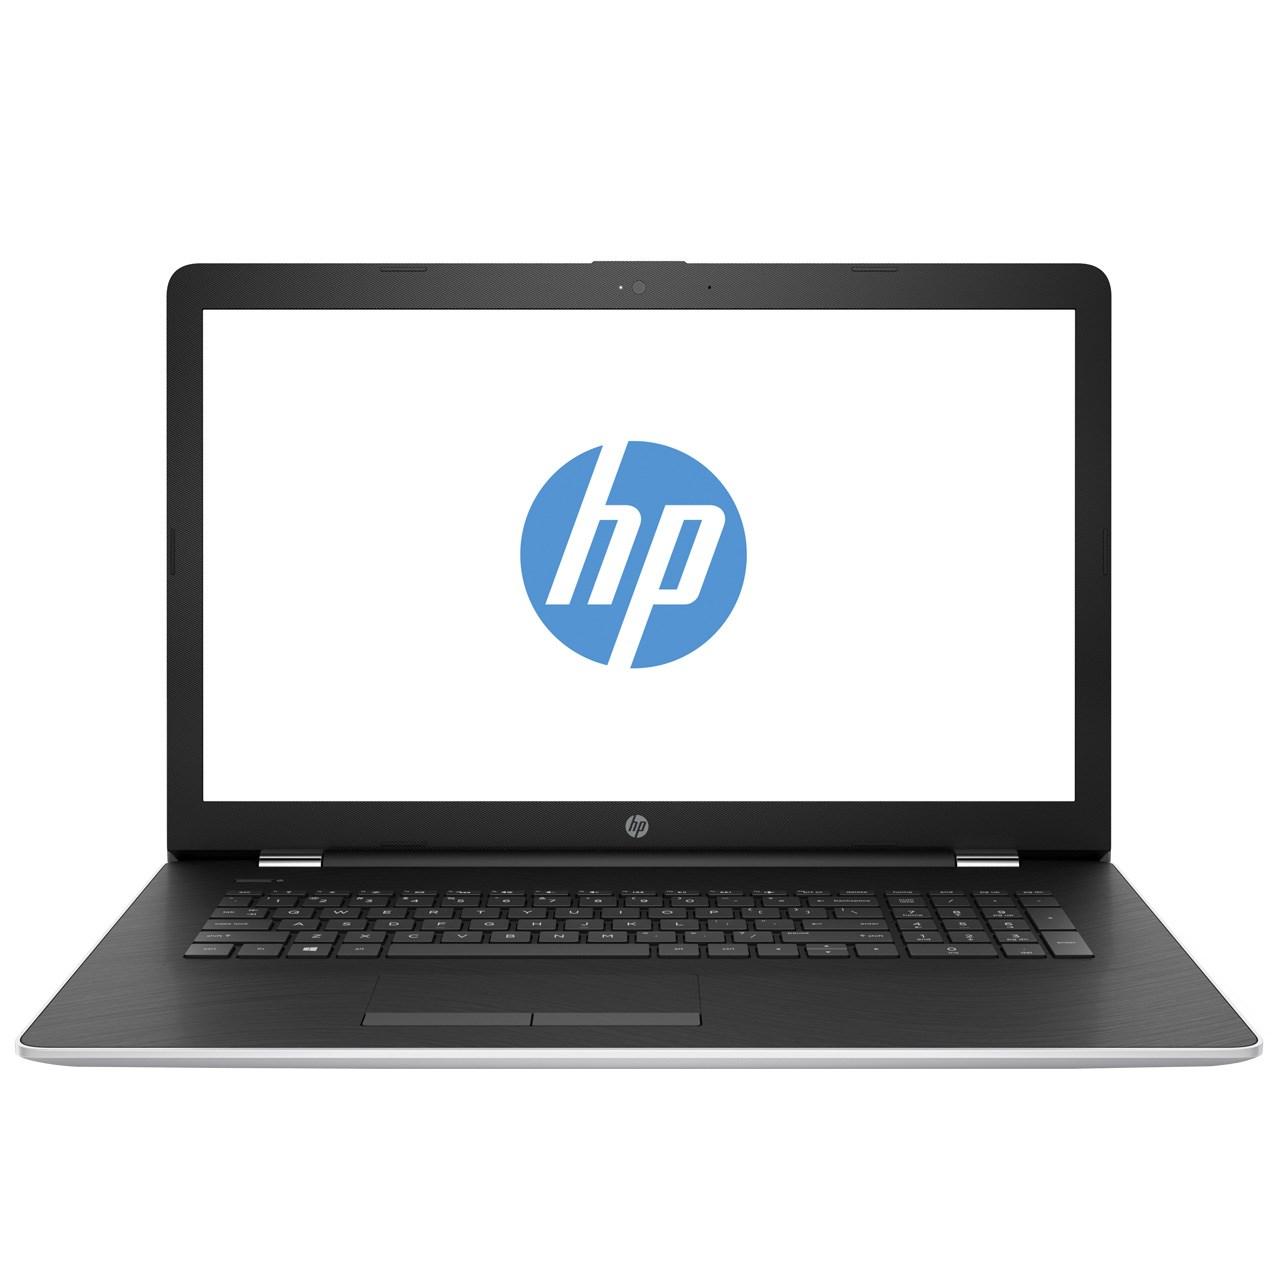 لپ تاپ 15 اینچی اچ پی مدل 15-bs183nia